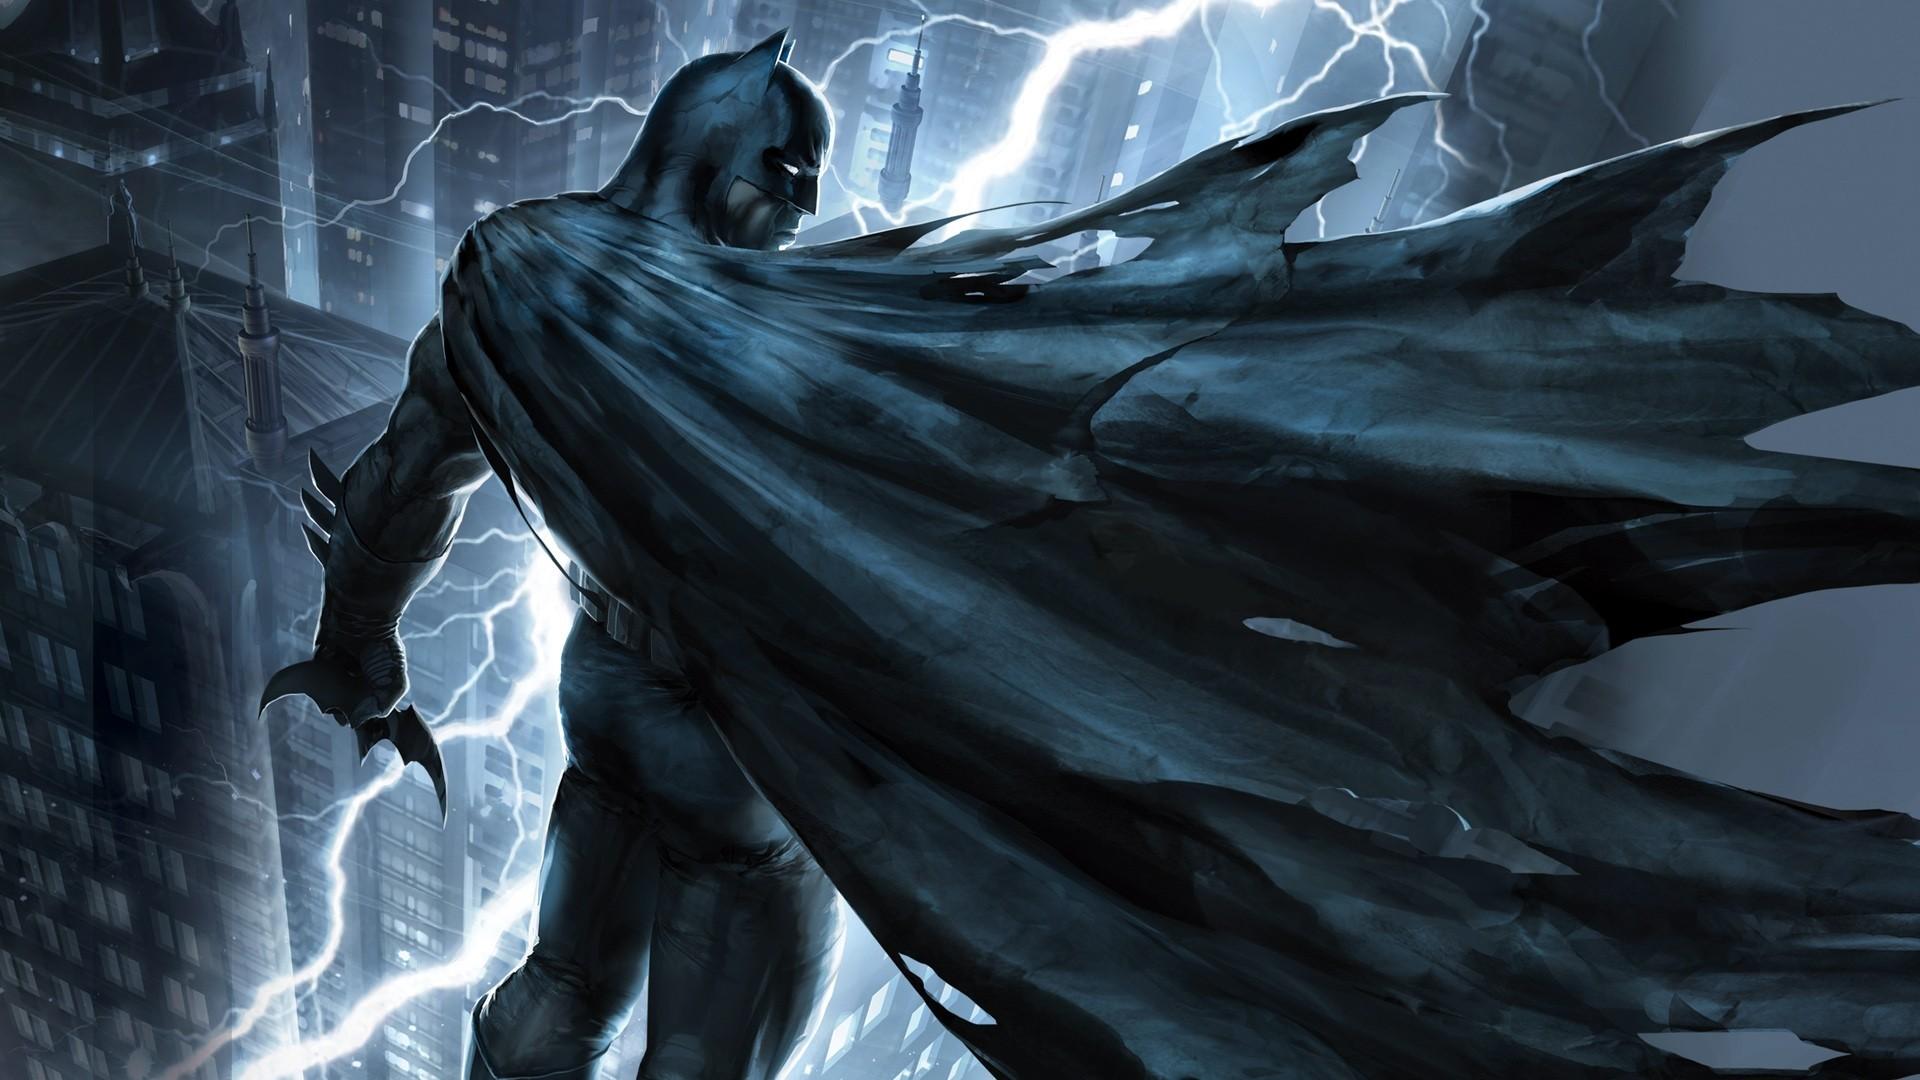 Batman Art Wallpaper